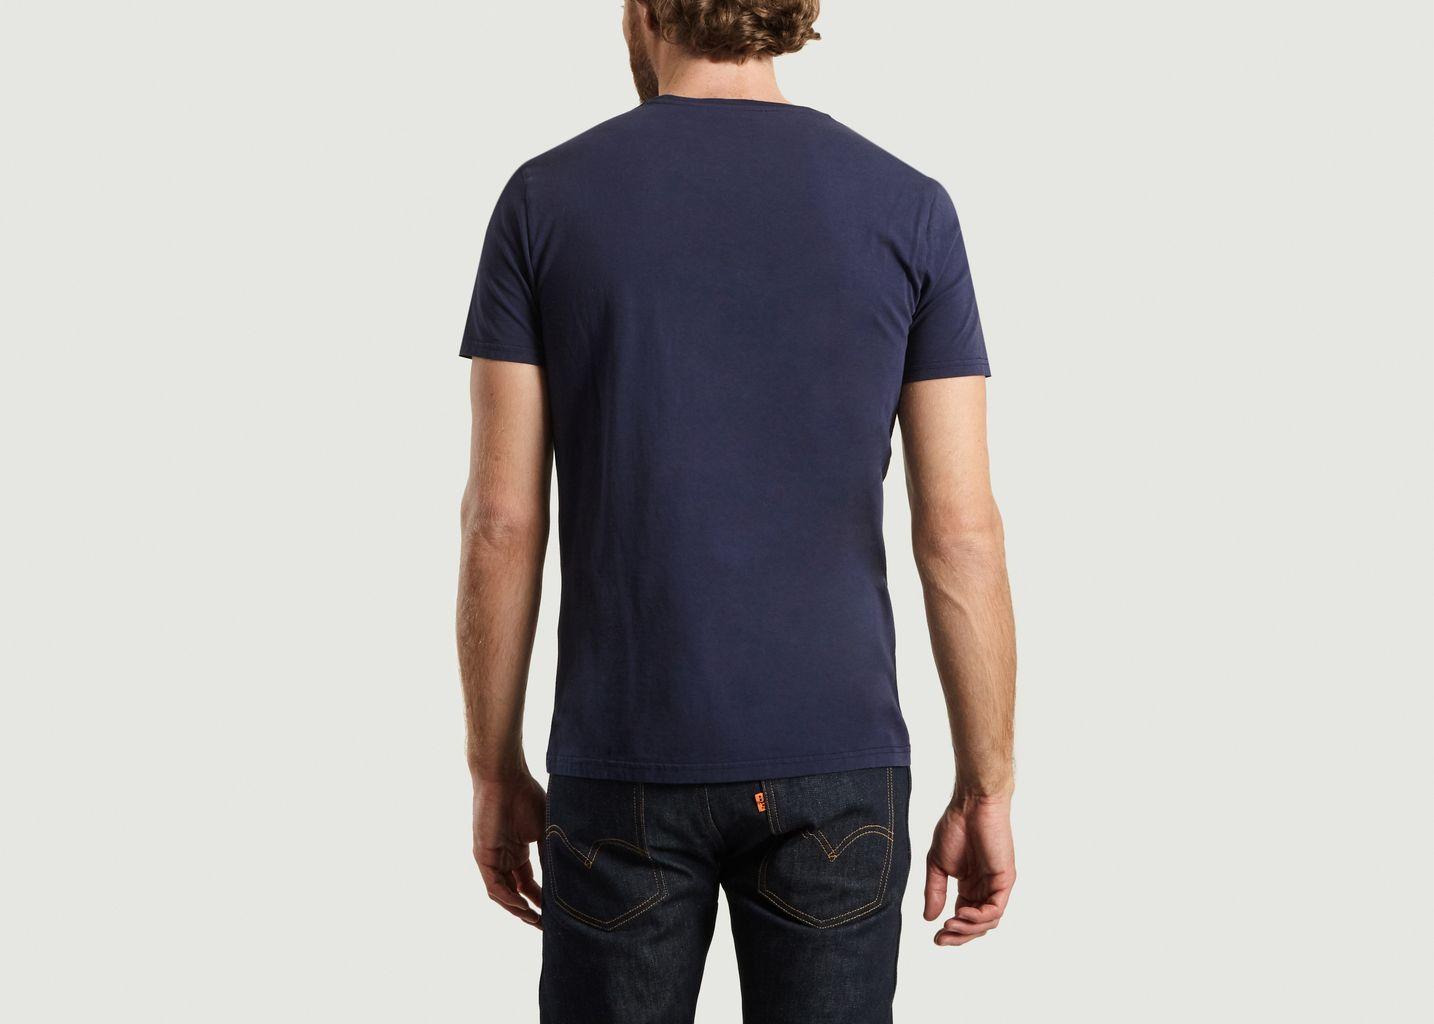 T-Shirt Logotypé Ici - Commune de Paris